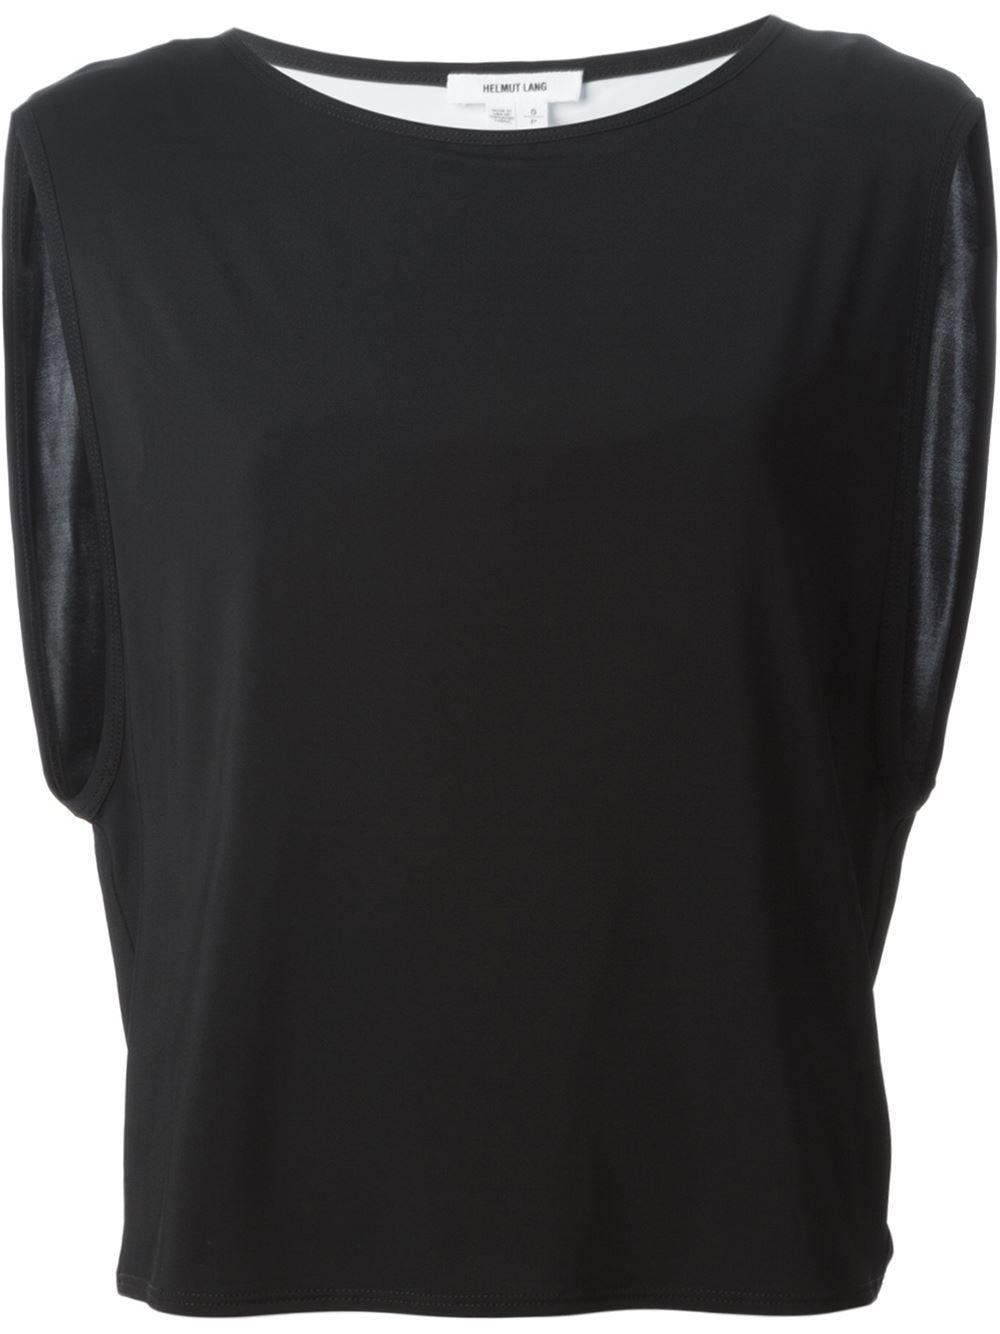 #helmutlang #tops #boxy #black #tshirts #womens #fashion www.jofre.eu